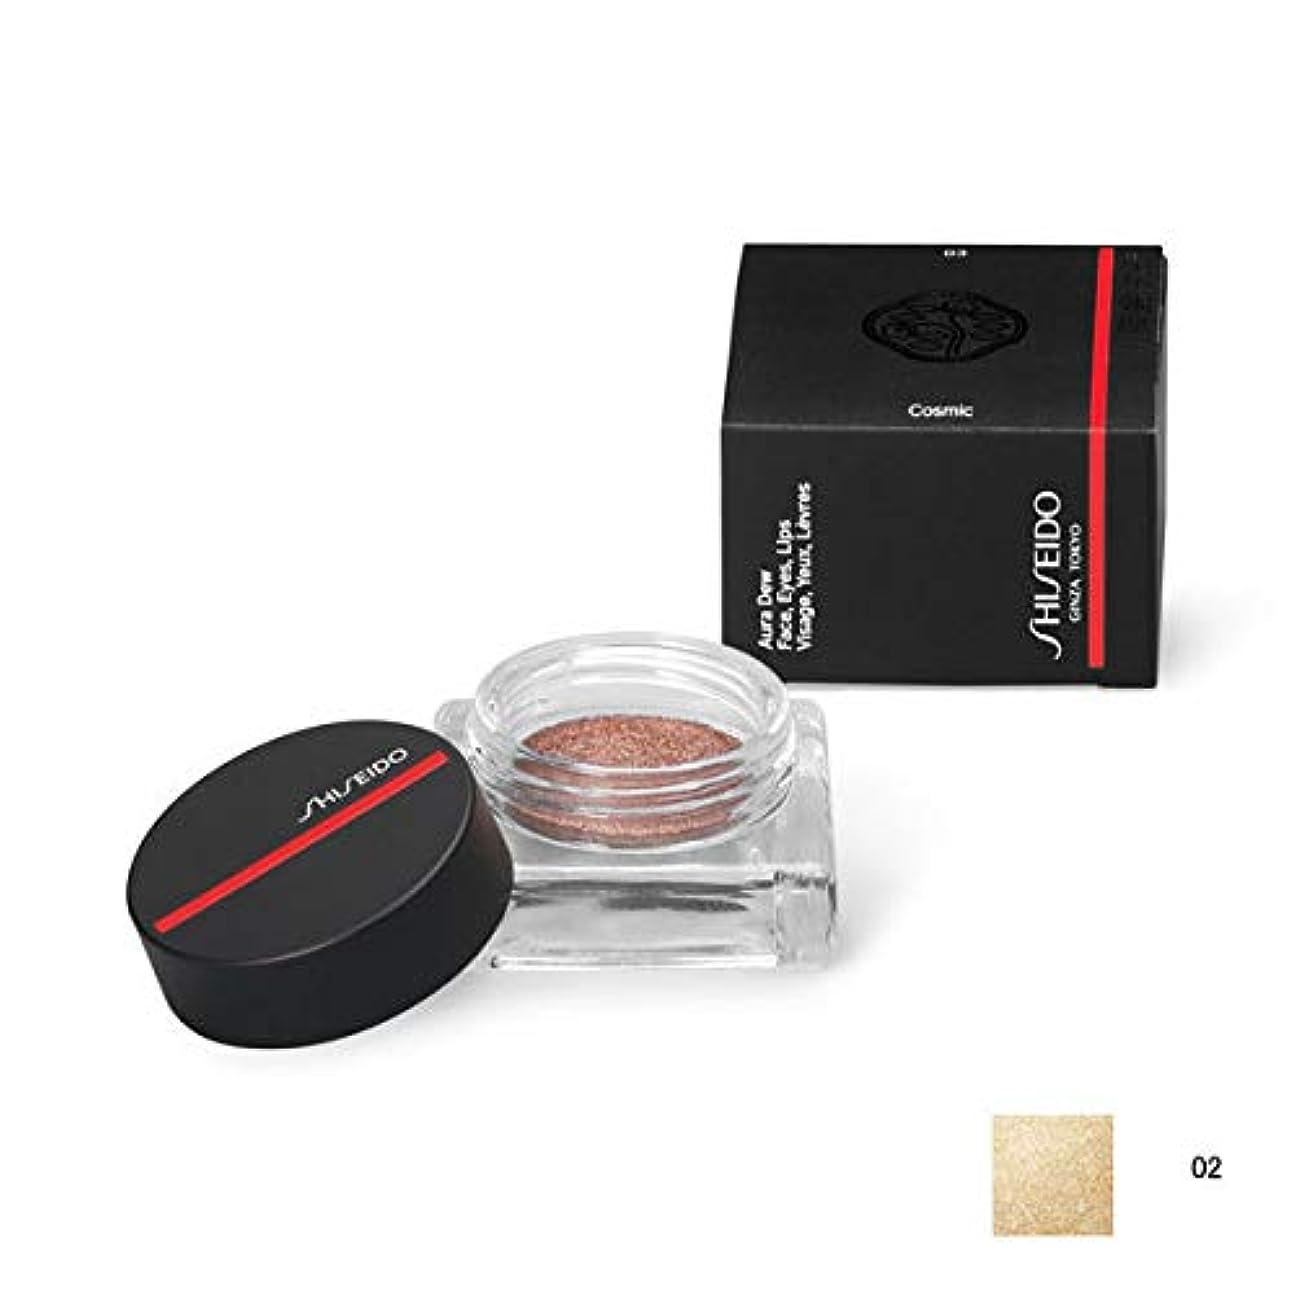 部印象的な出身地SHISEIDO Makeup(資生堂 メーキャップ) SHISEIDO(資生堂) SHISEIDO オーラデュウ プリズム 4.8g (02)